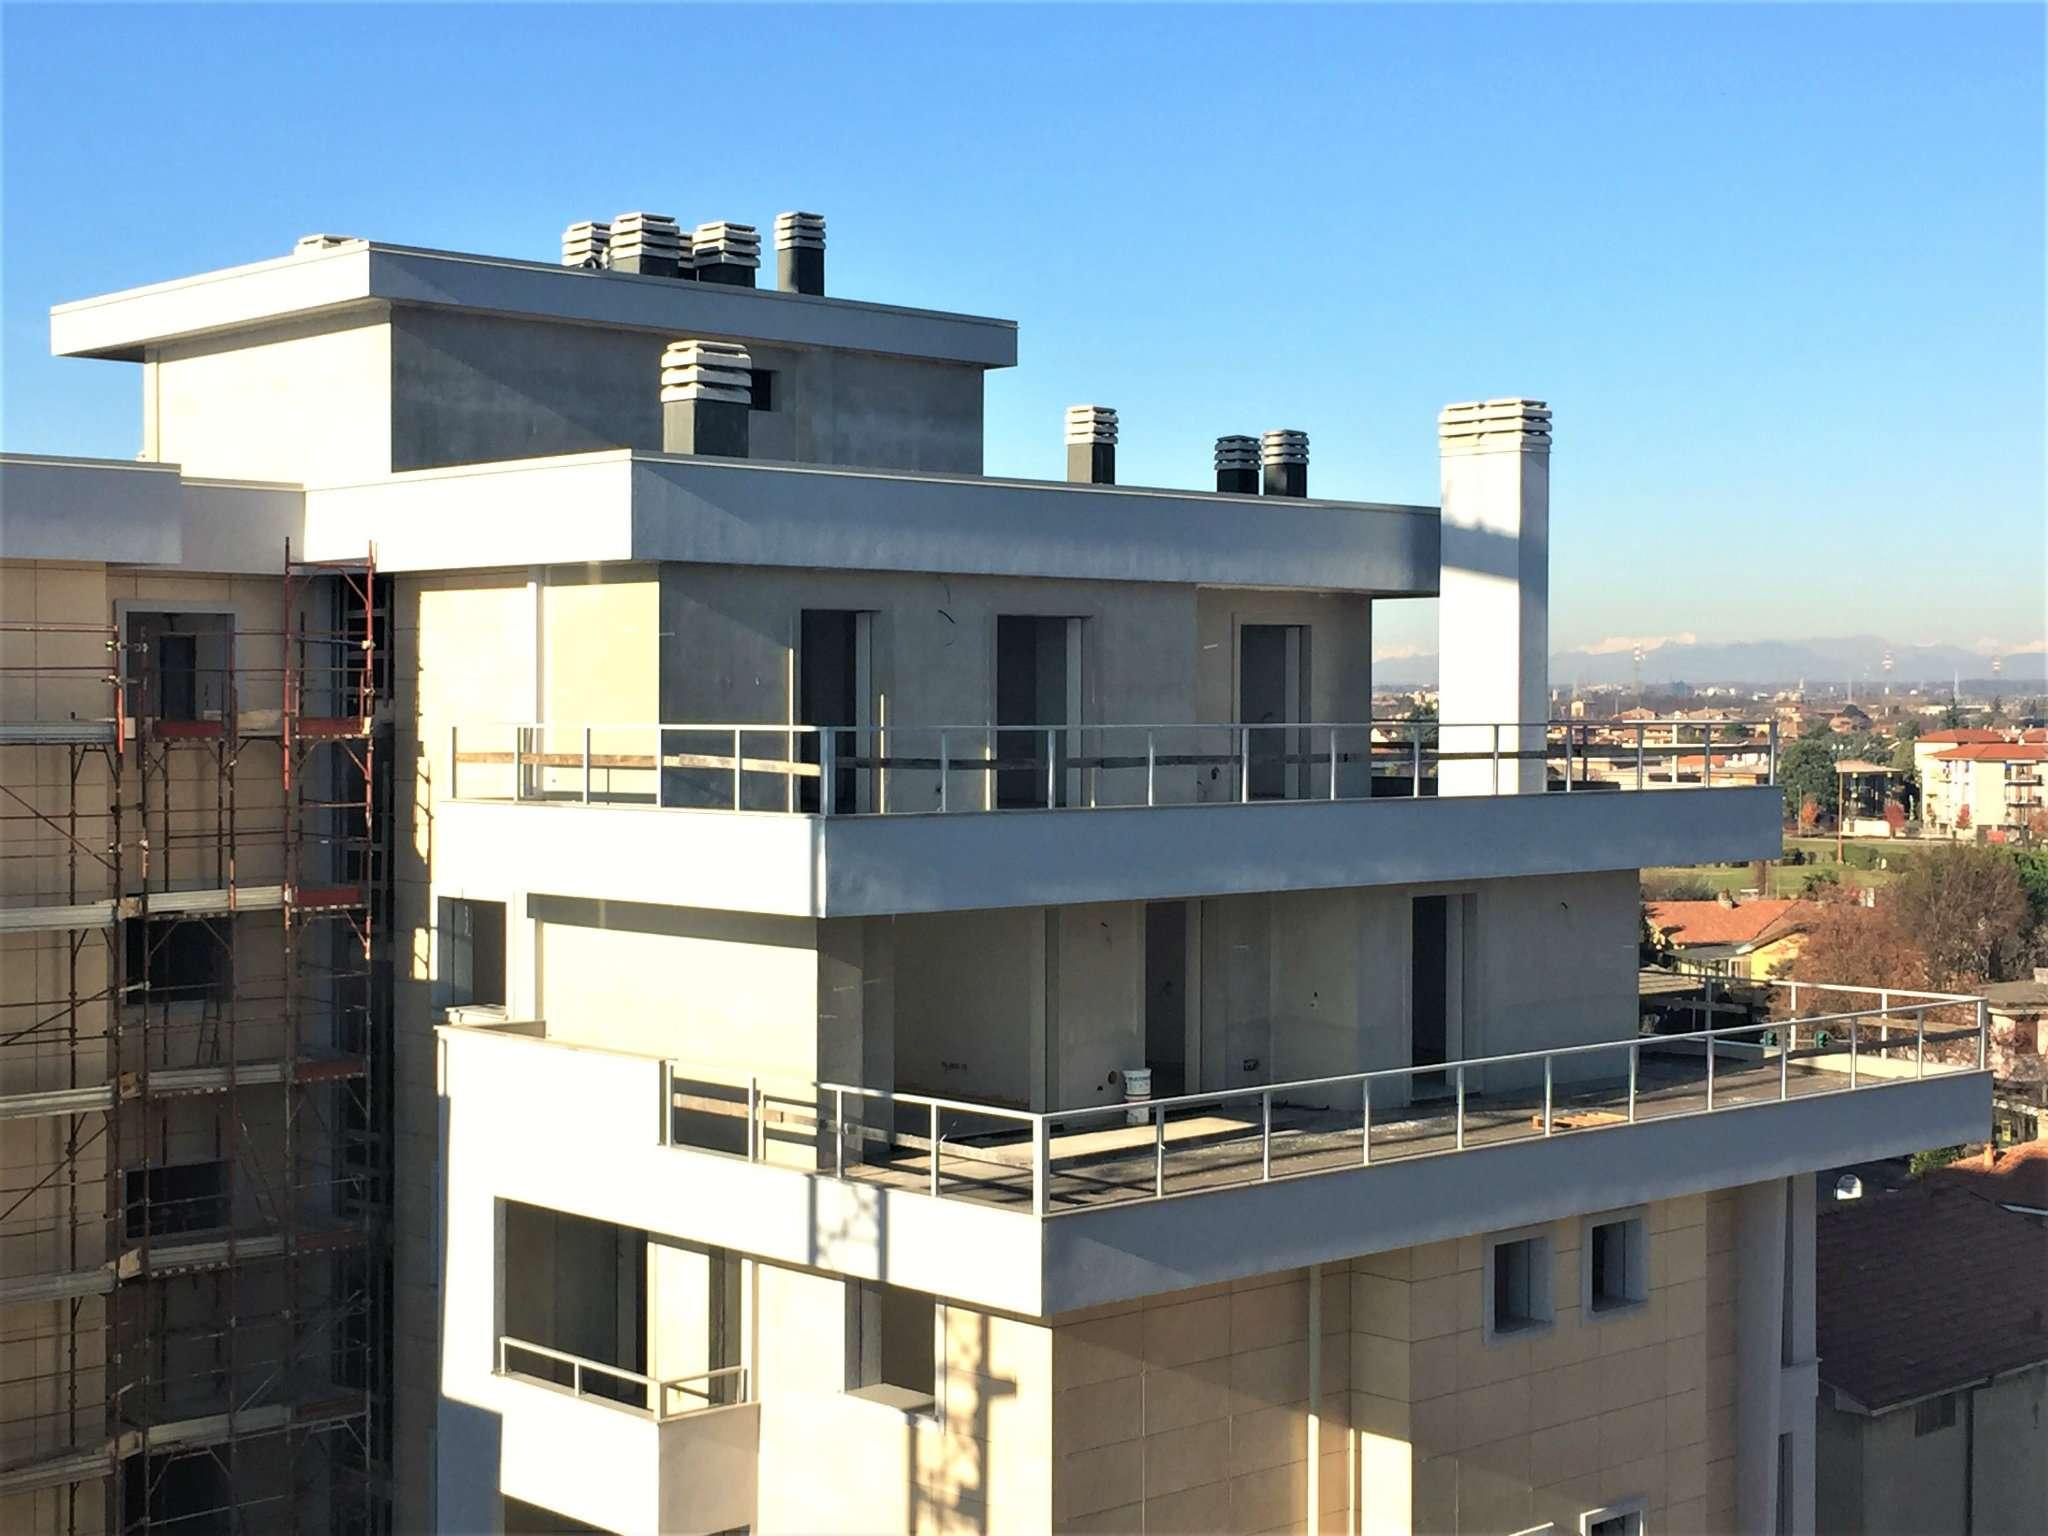 Attico / Mansarda in vendita a Nova Milanese, 4 locali, prezzo € 467.000 | Cambio Casa.it